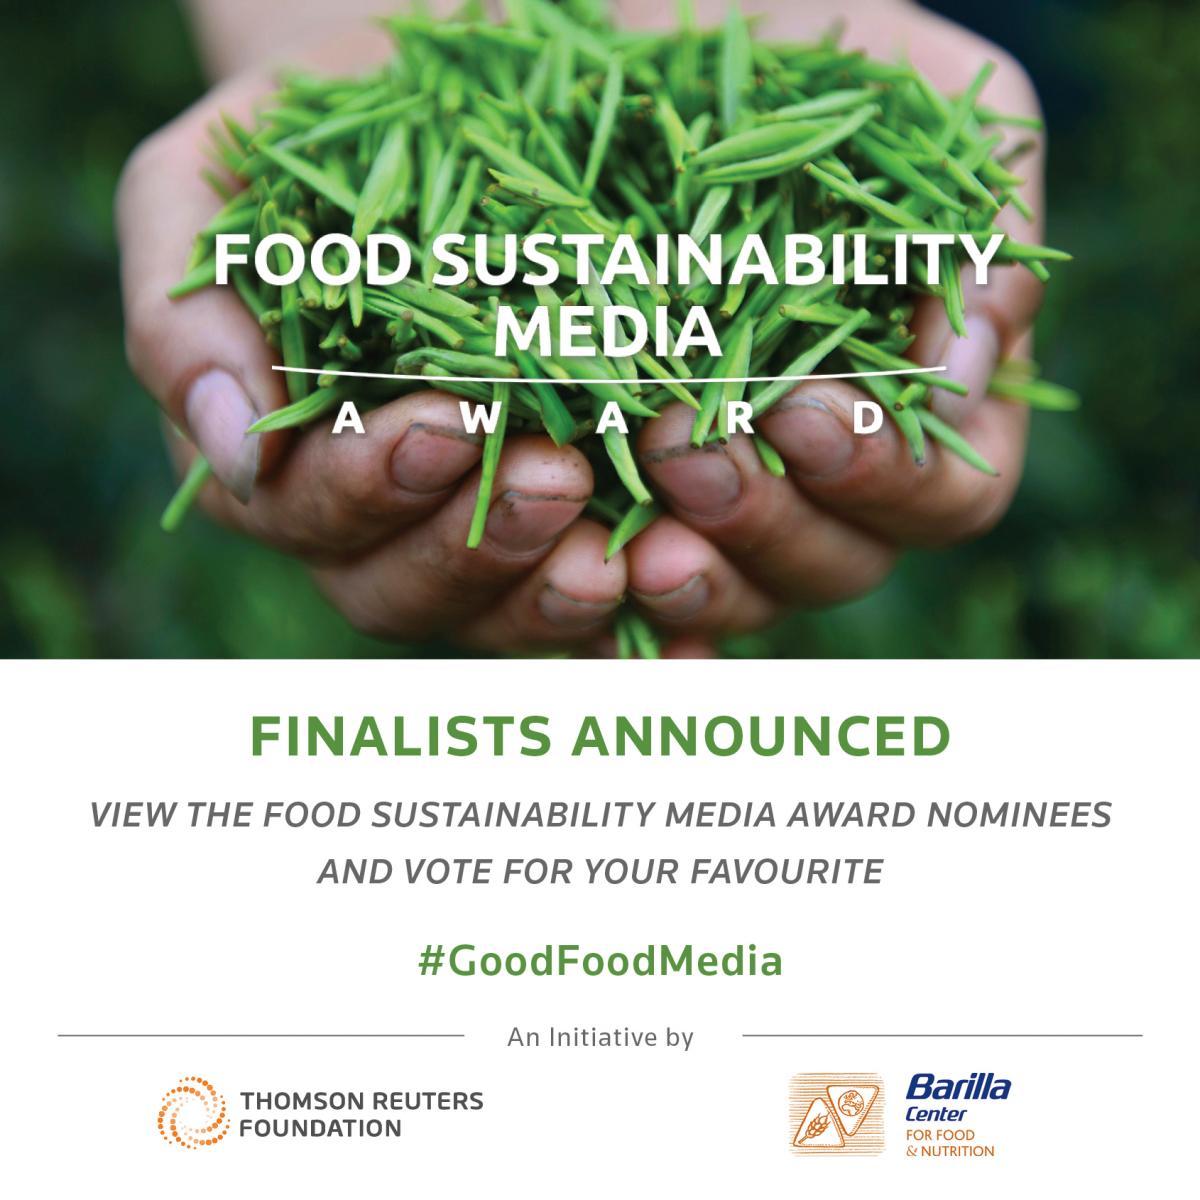 Image credit: Food Sustainability Media Awards